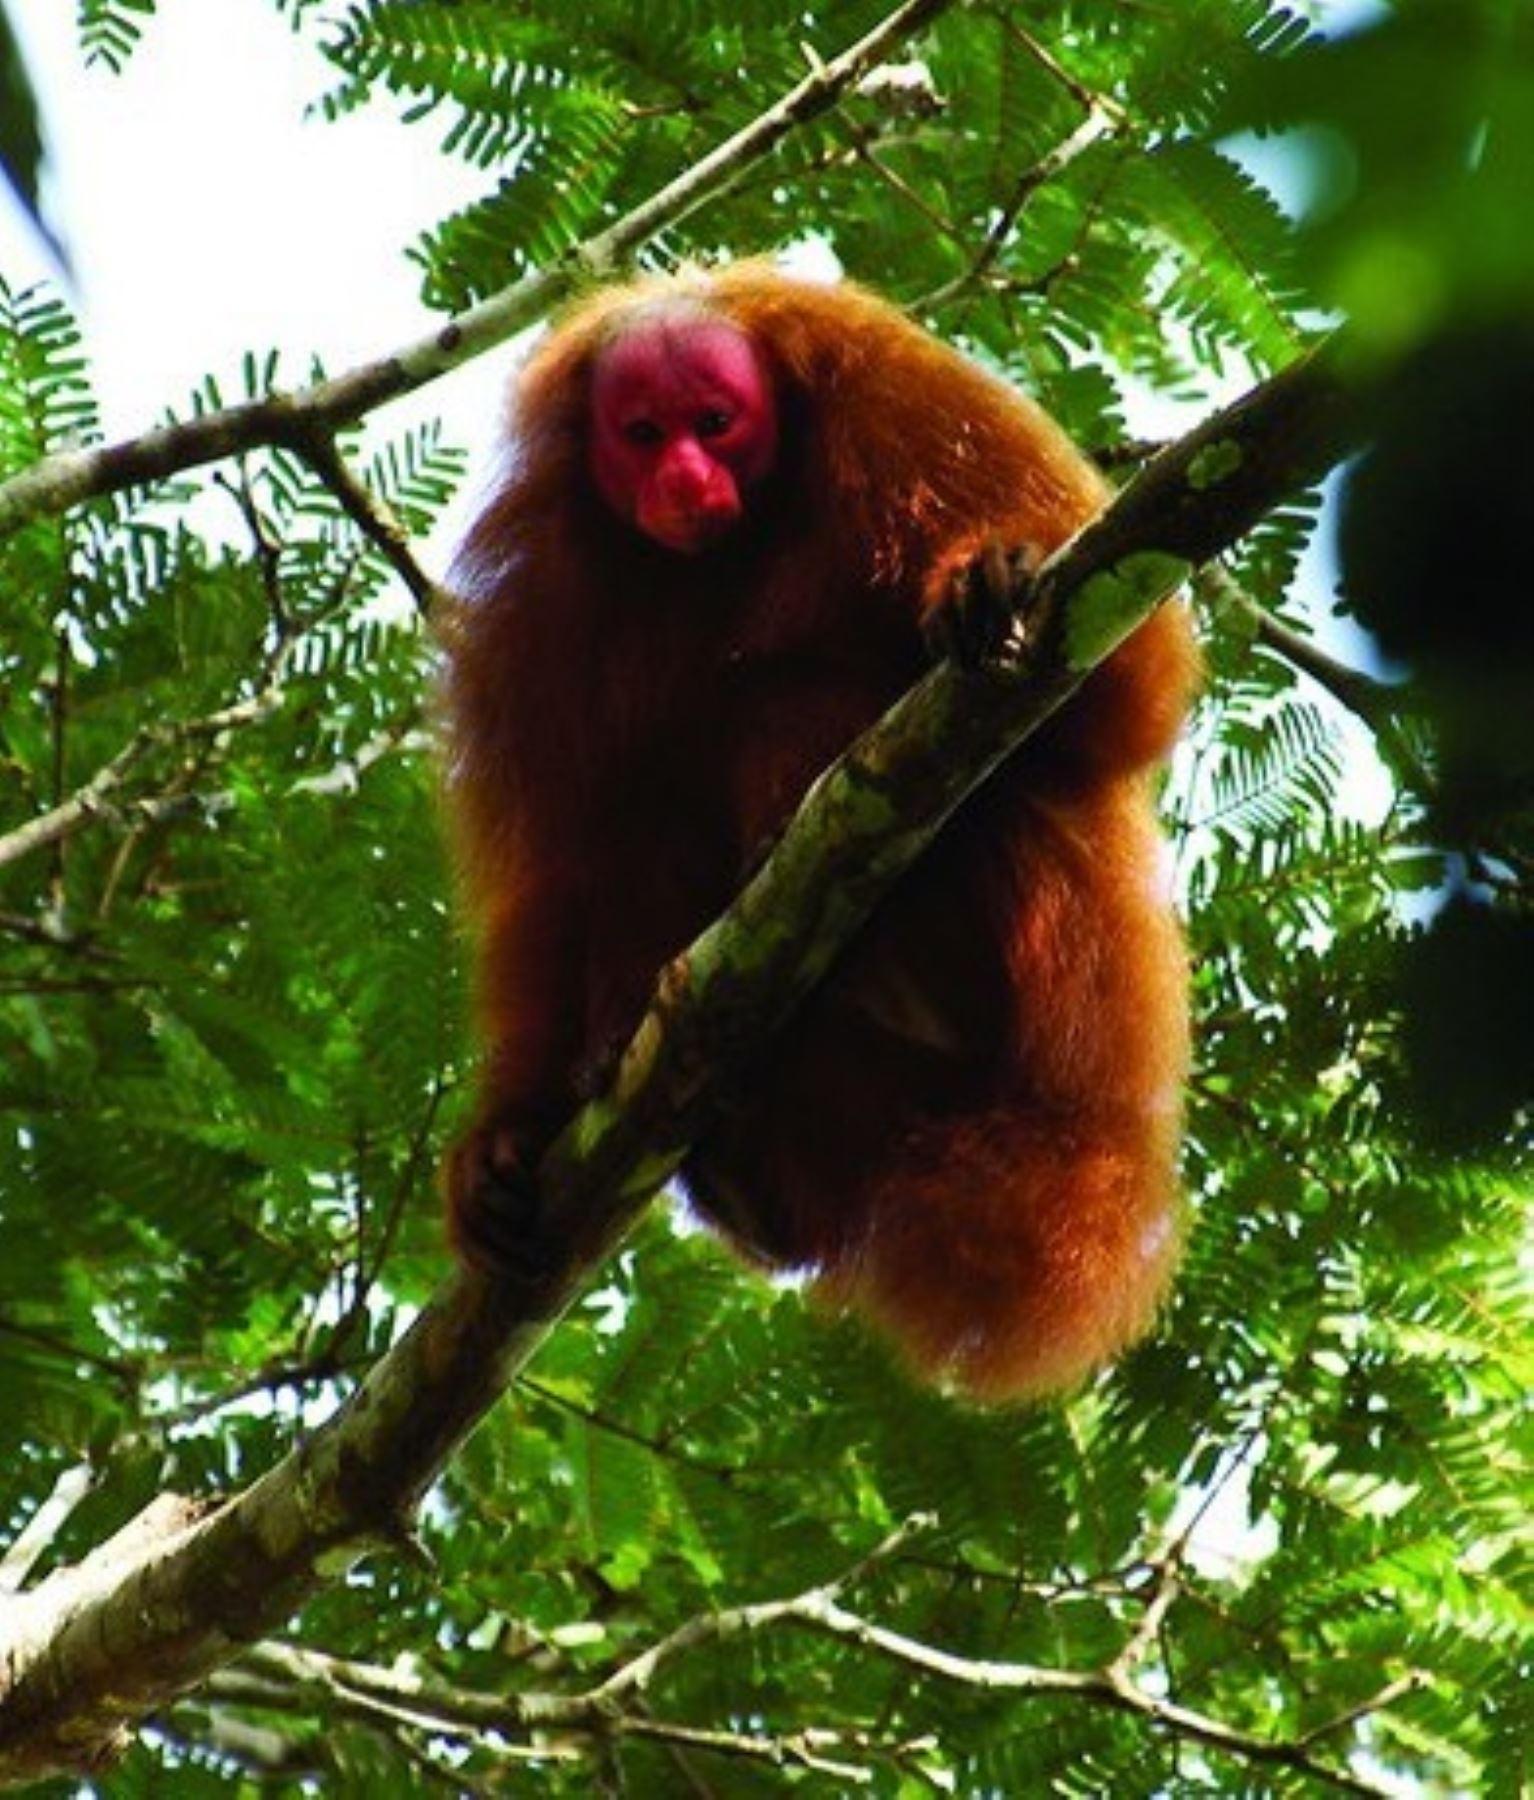 """Mono """"guapo colorado"""" (Cacajao calvus), una de las 16 especies registradas hasta el momento (la mayor cantidad de primates de la Amazonía peruana), en el Parque Nacional Sierra del Divisor. Foto: Facebook Parque Nacional Sierra del Divisor/Pronaturaleza"""